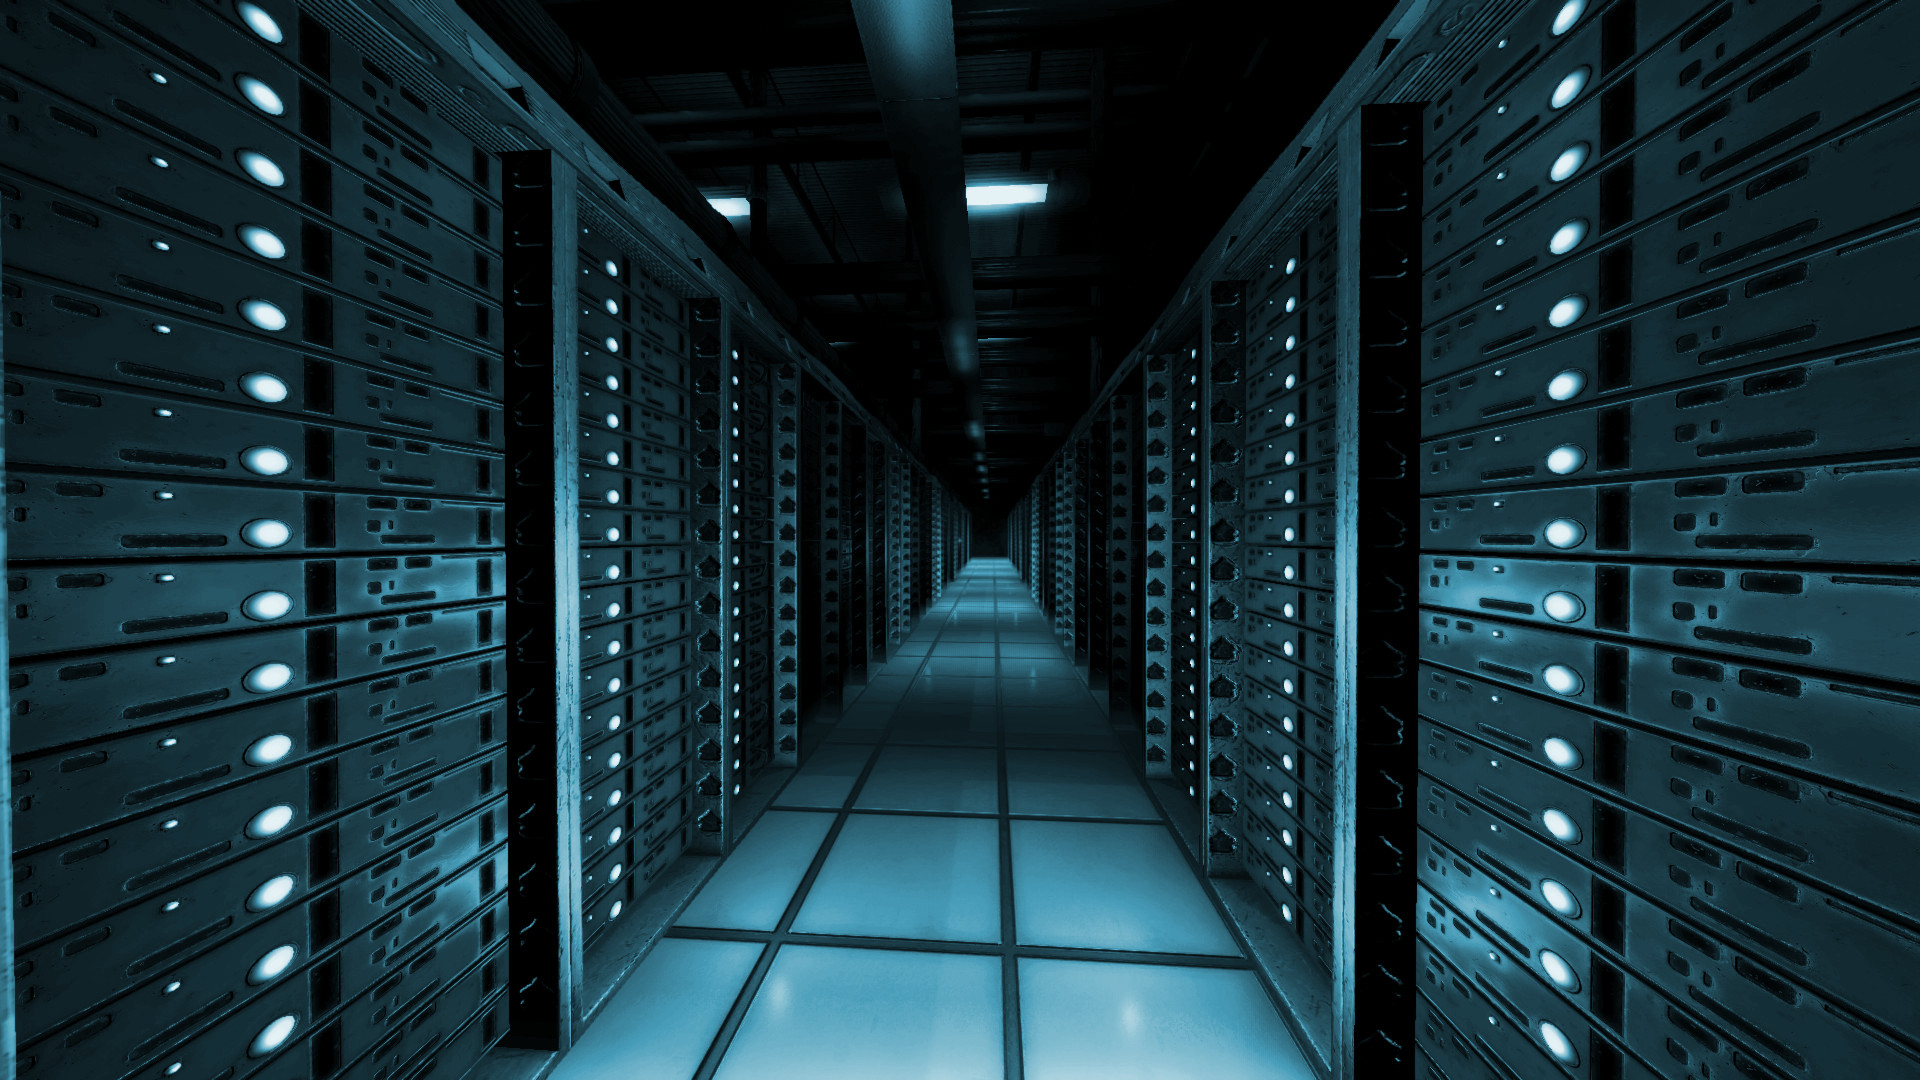 data center wallpaper wallpapersafari VLAN Network Diagram Network API Diagram